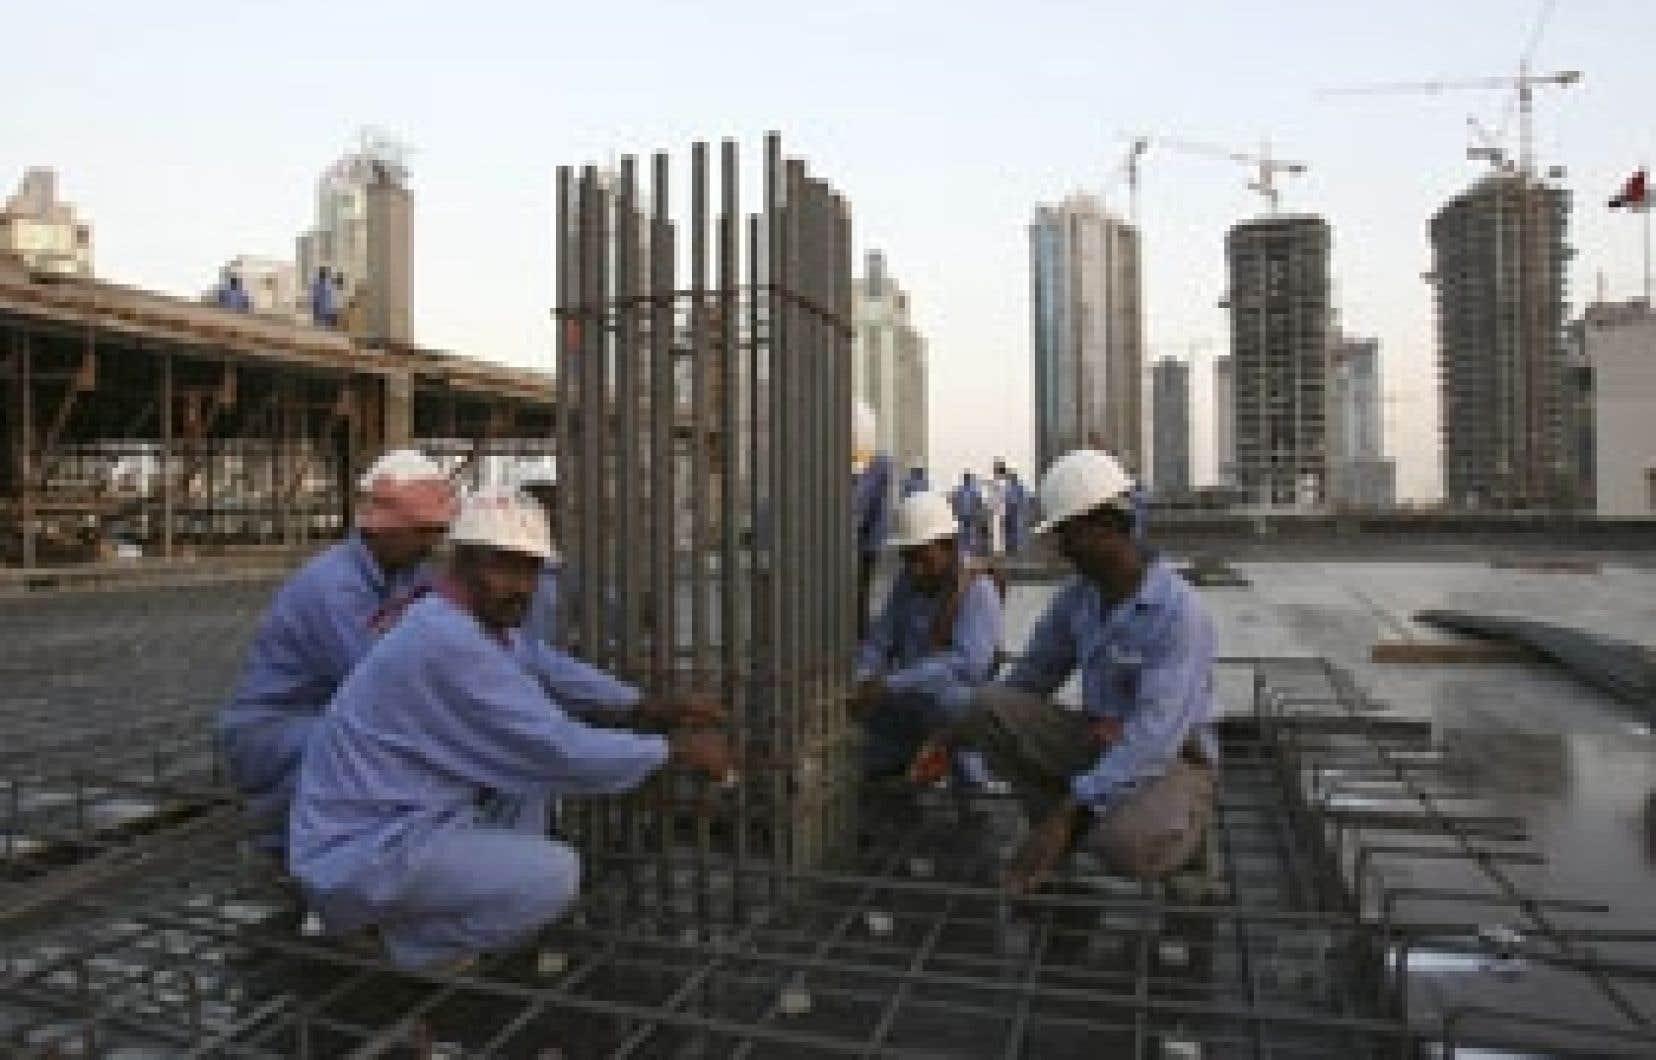 Un chantier de construction à Dubaï, dans les Émirats arabes unis.